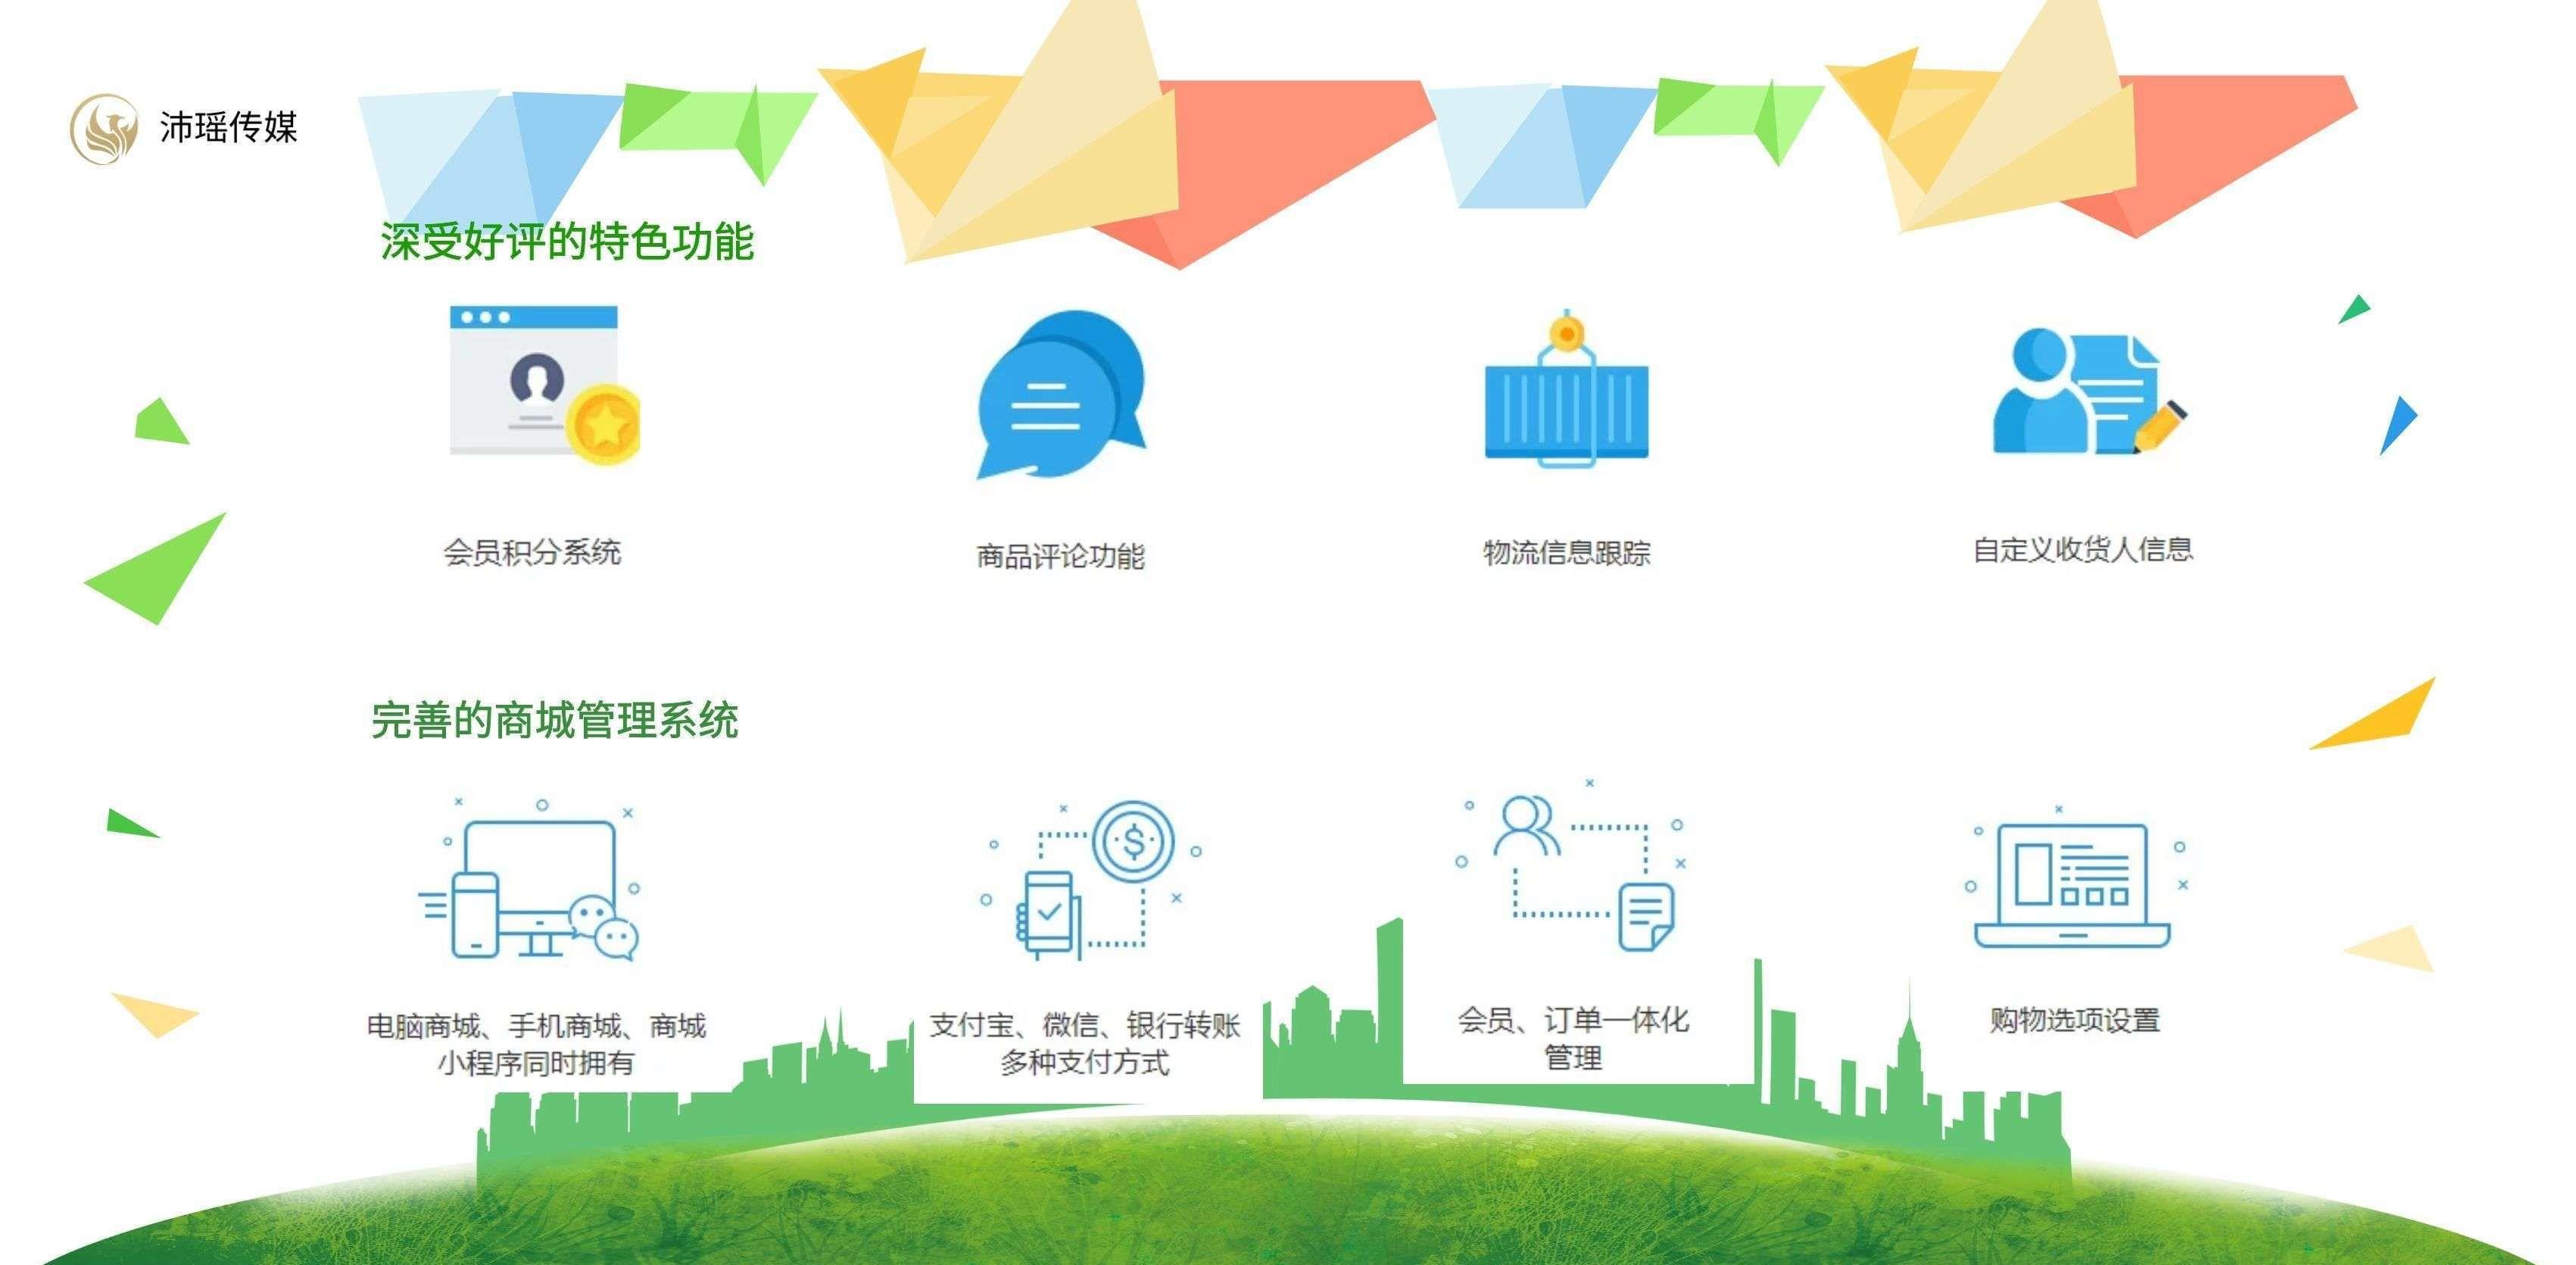 宁夏物流企业数量_中国物流企业数量_全国物流企业数量